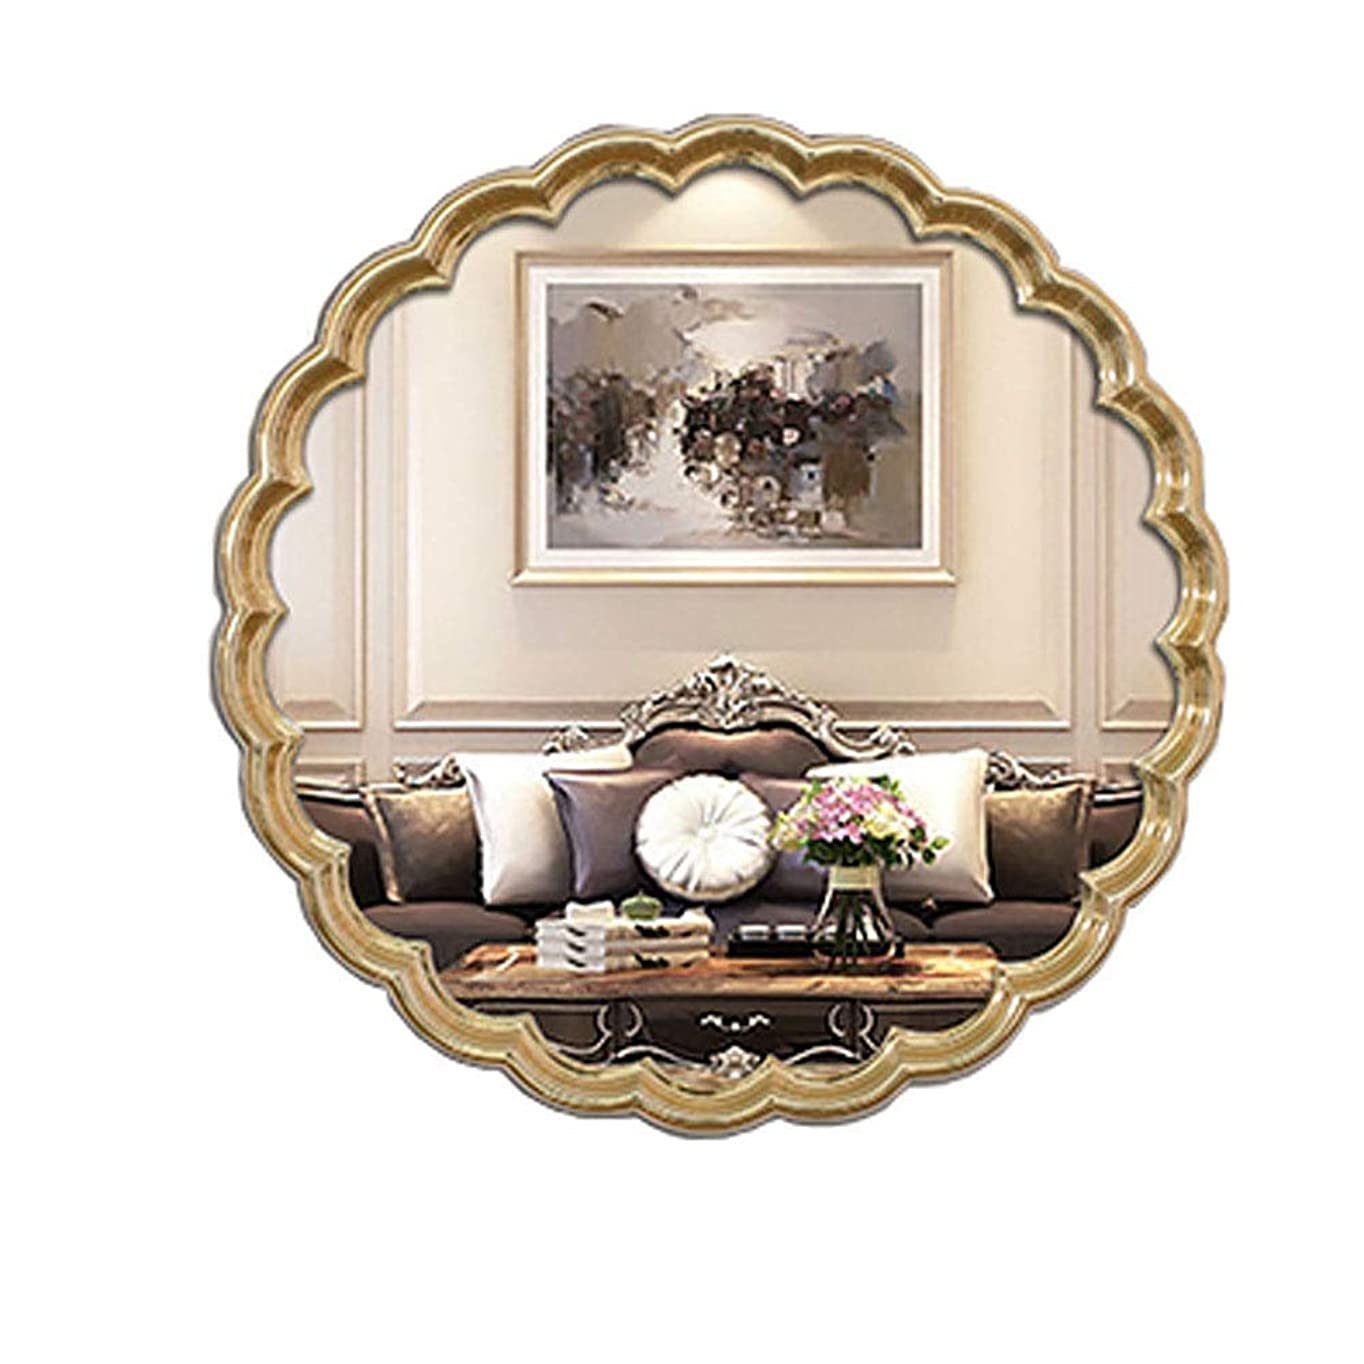 ペイン契約した運搬バスルームミラーヨーロッパの壁掛けドレッシングリビングルームベッドルームホテルロビー装飾(色:金)